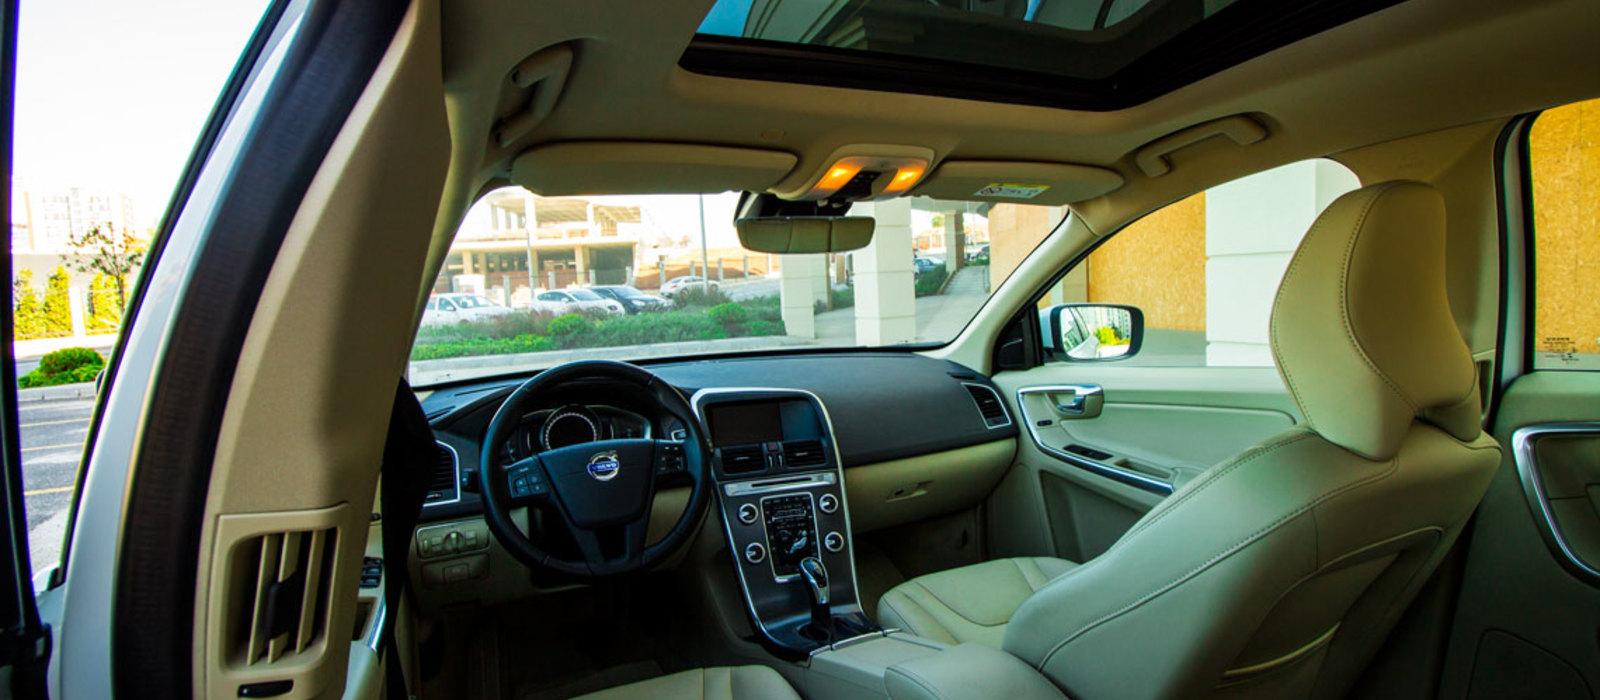 ikinci el araba 2016 Volvo XC 60 2.0 D4 Advance Dizel Otomatik 31240 KM 4